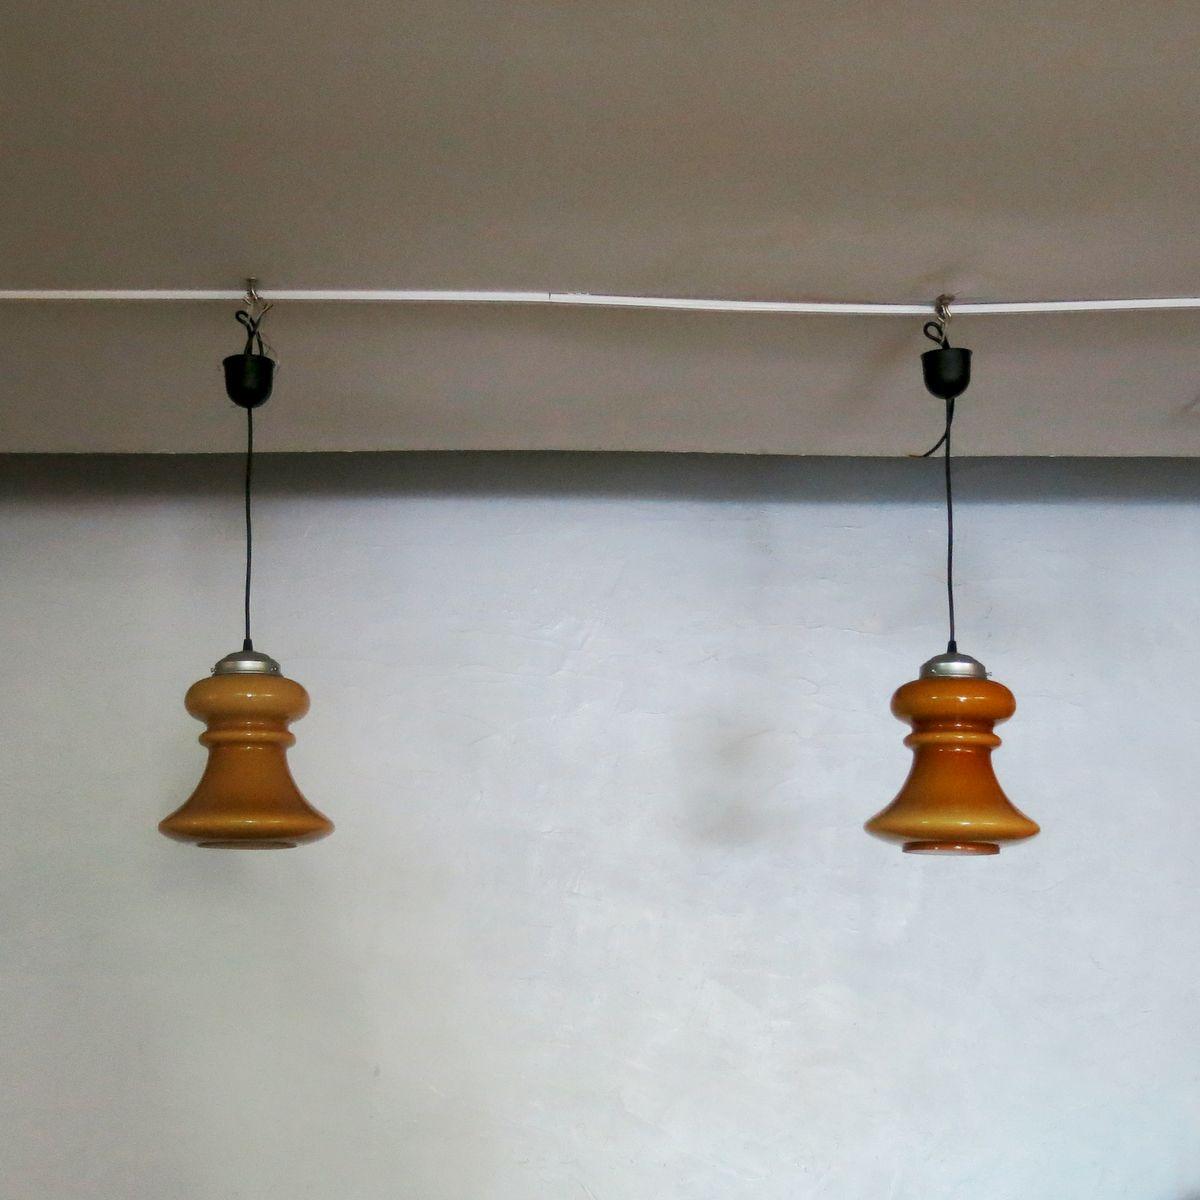 Lampade a sospensione vintage in vetro, anni '60, set di 2 in vendita su Pamono